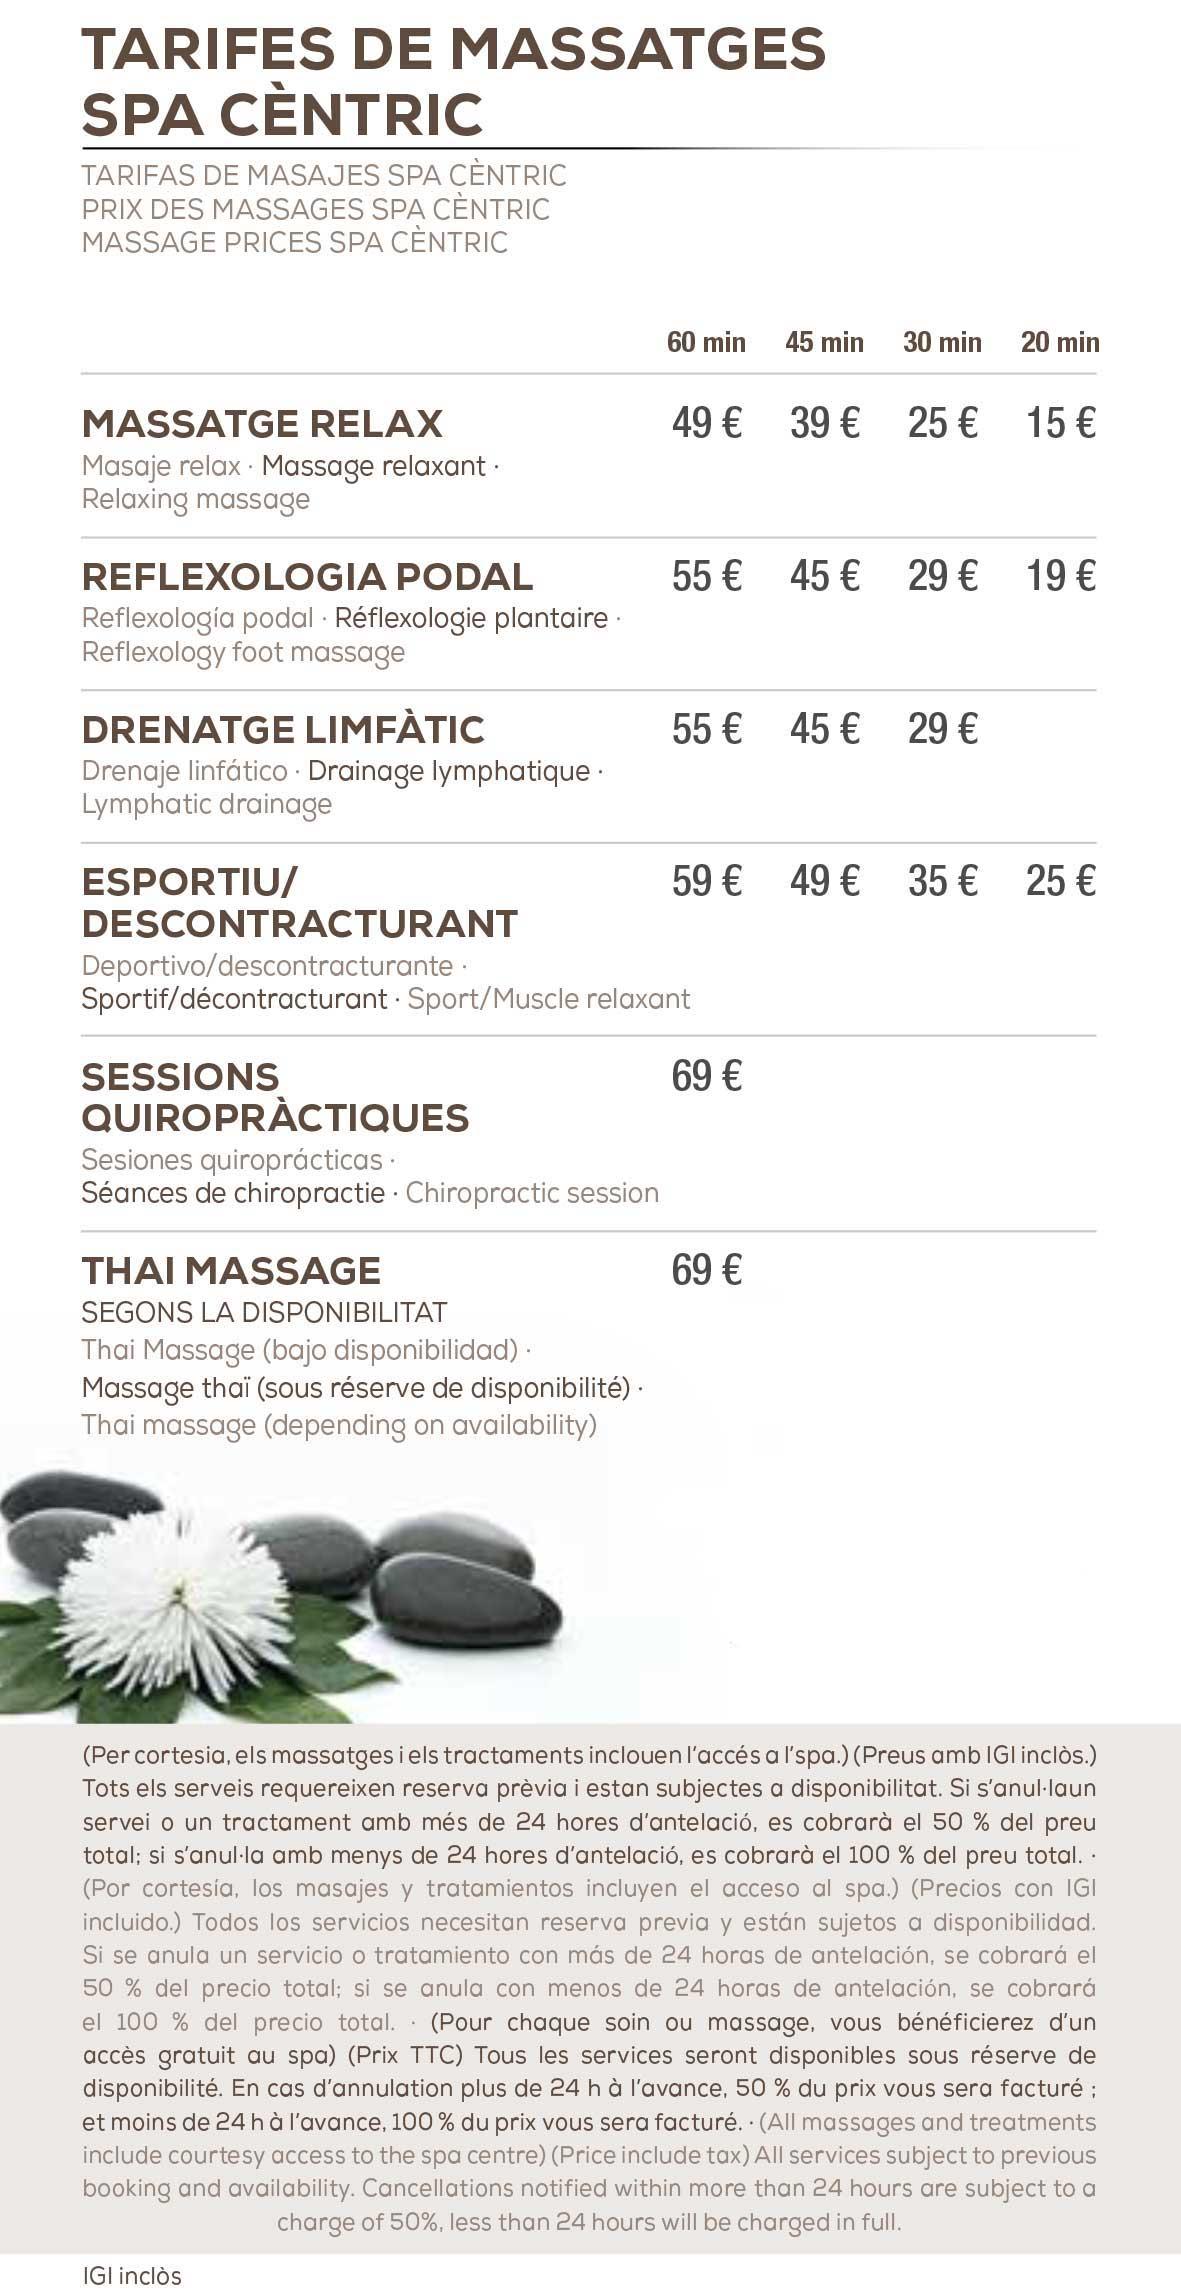 Carta_massatges_Centric_Atiram_01